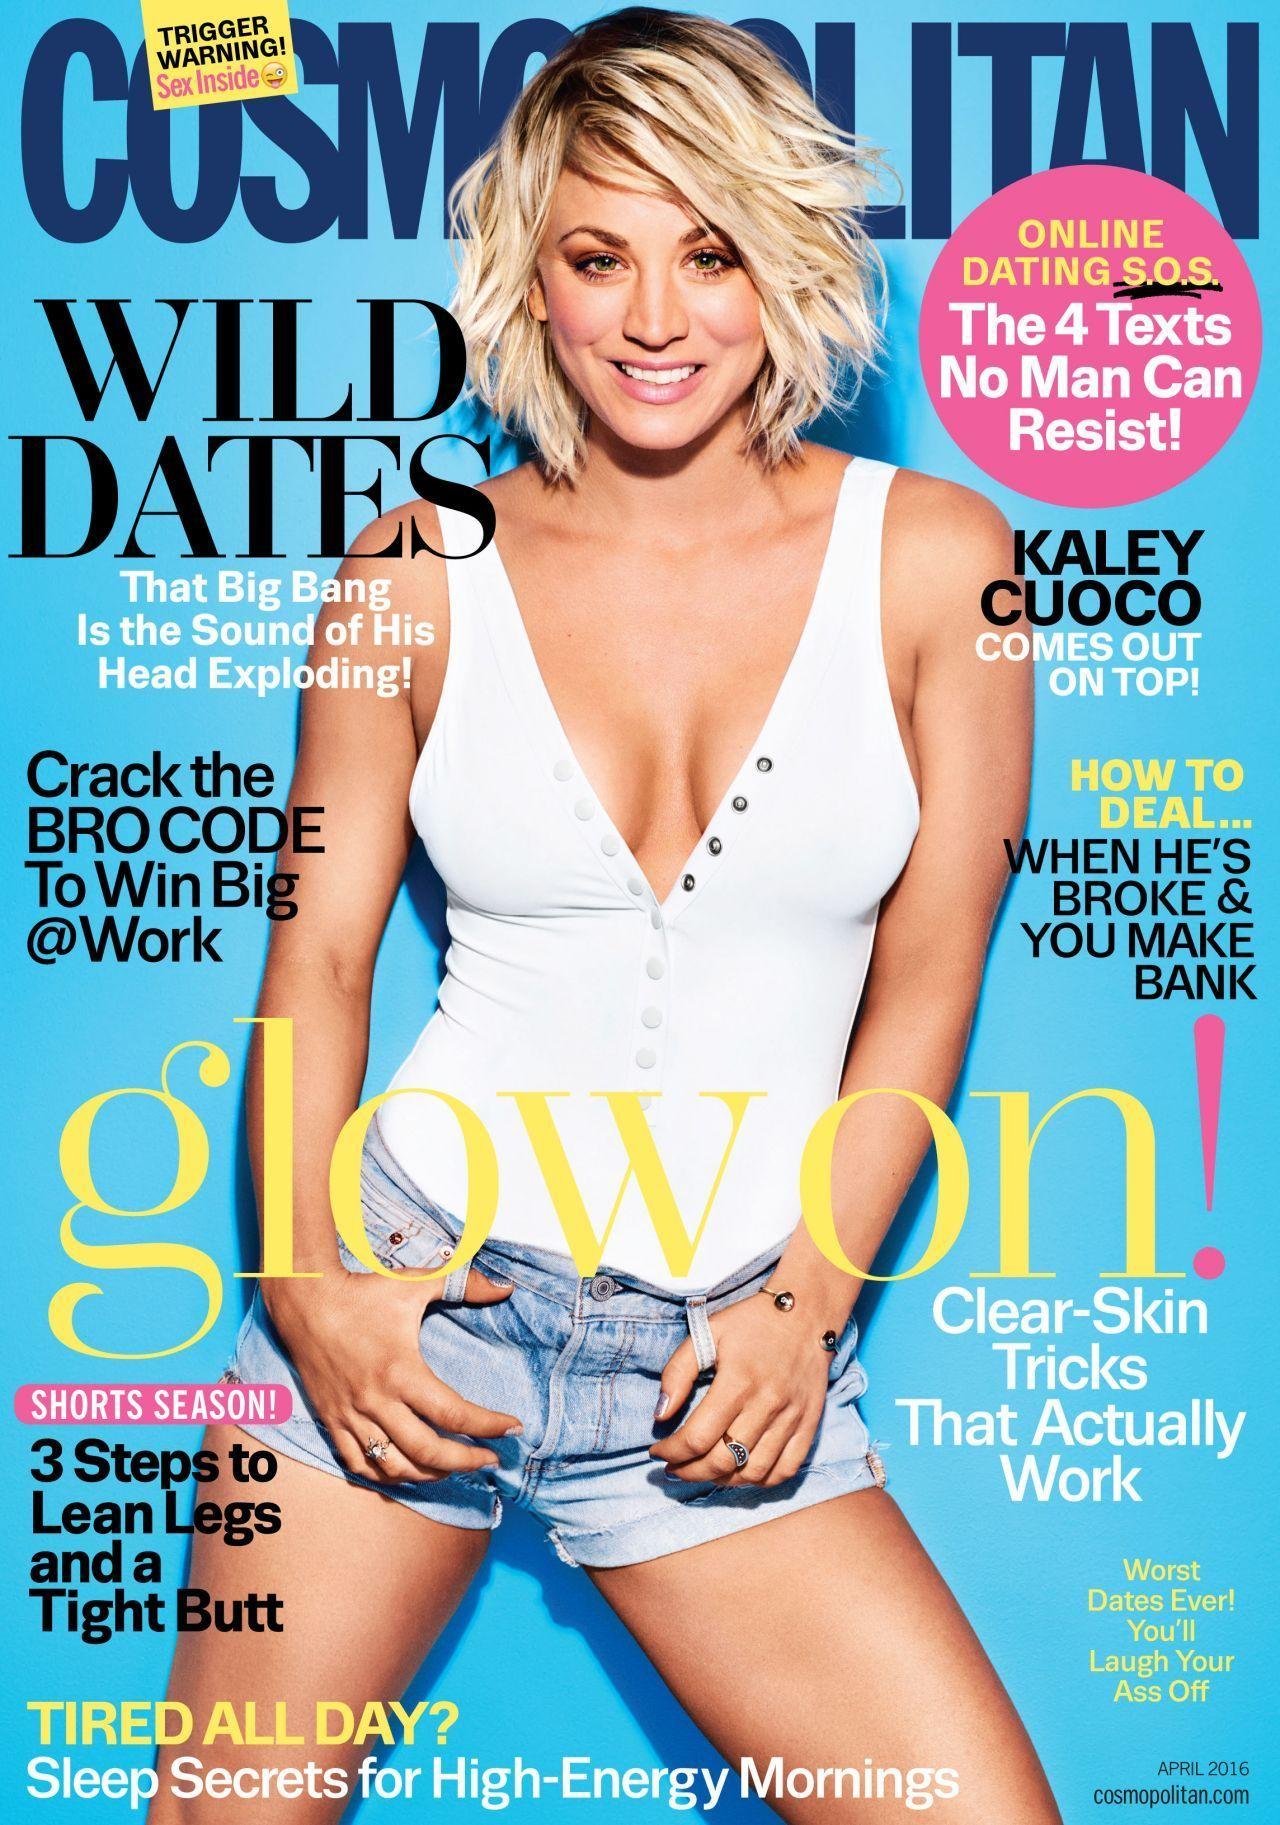 Cosmopolitan magazine online dating online dating sites vrij van kosten